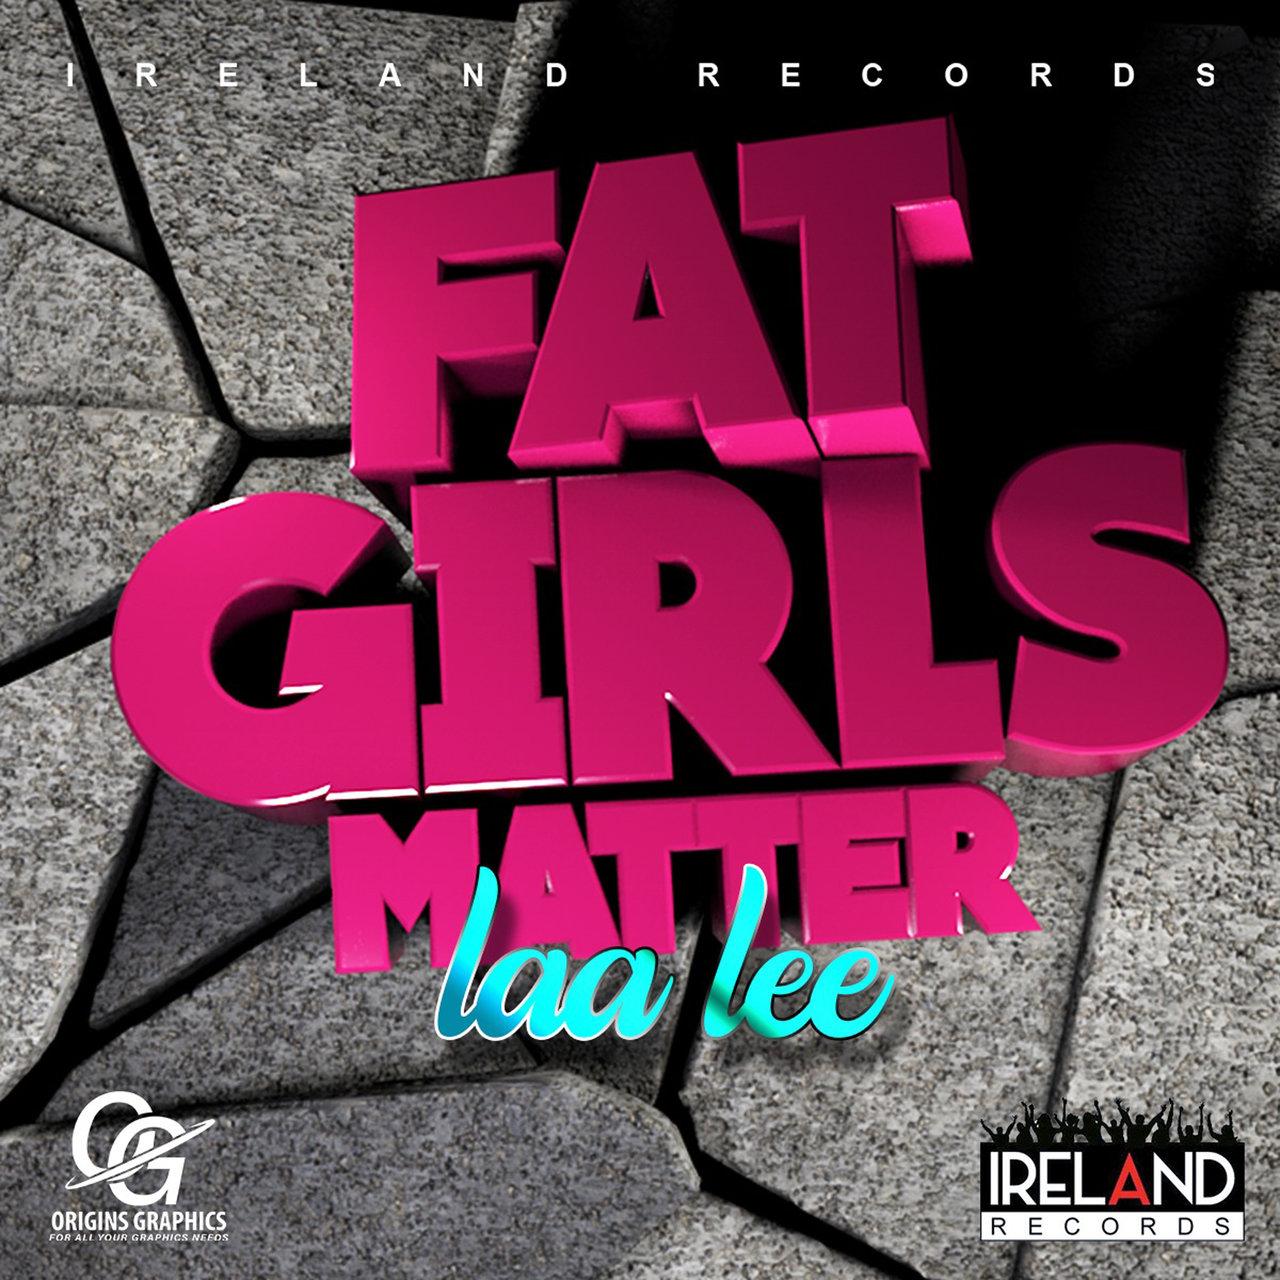 Laa Lee - Fat Girls Matter (Cover)